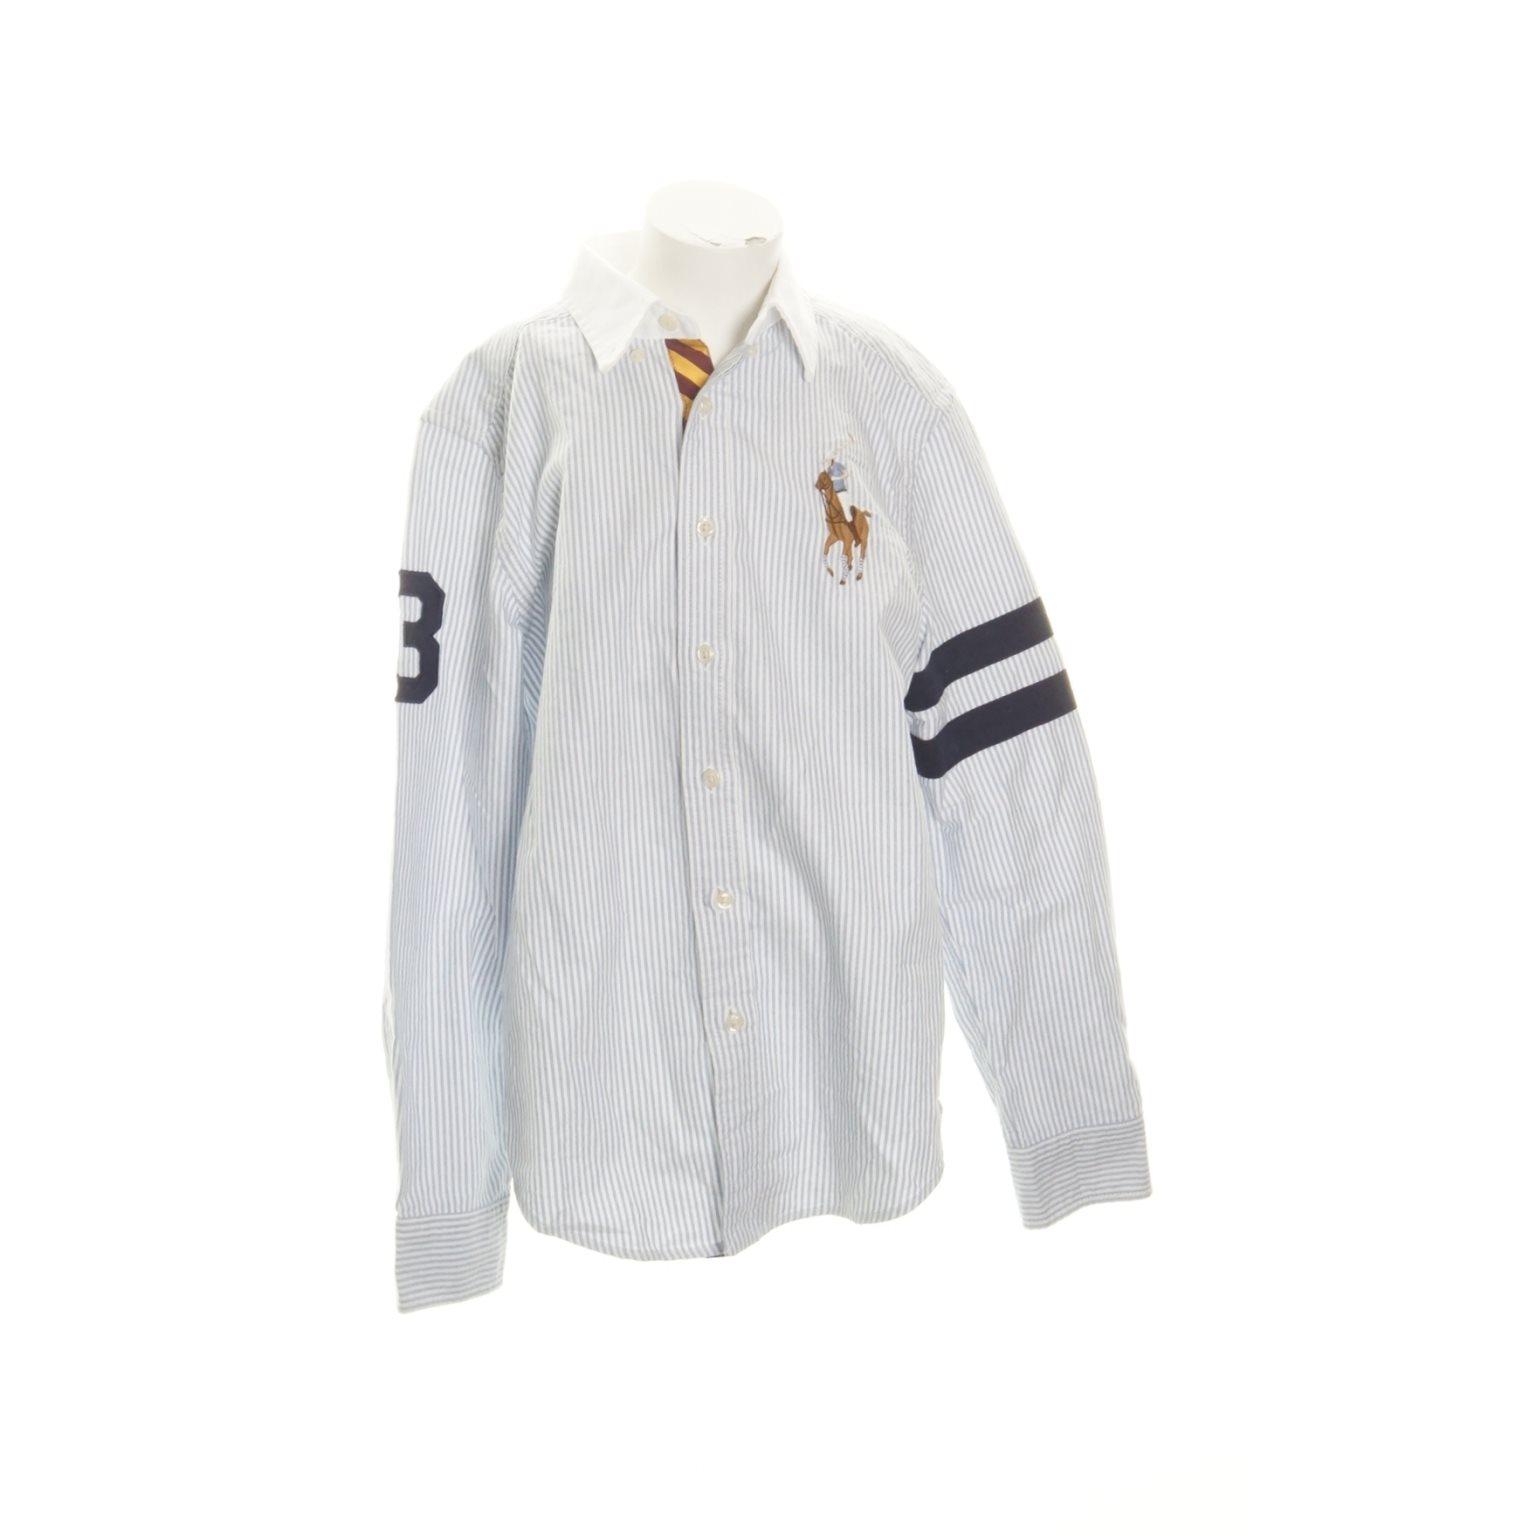 dd538e979010 Ralph Lauren, Skjorta, Strl: M, Vit/Blå (335026994) ᐈ Sellpy på Tradera